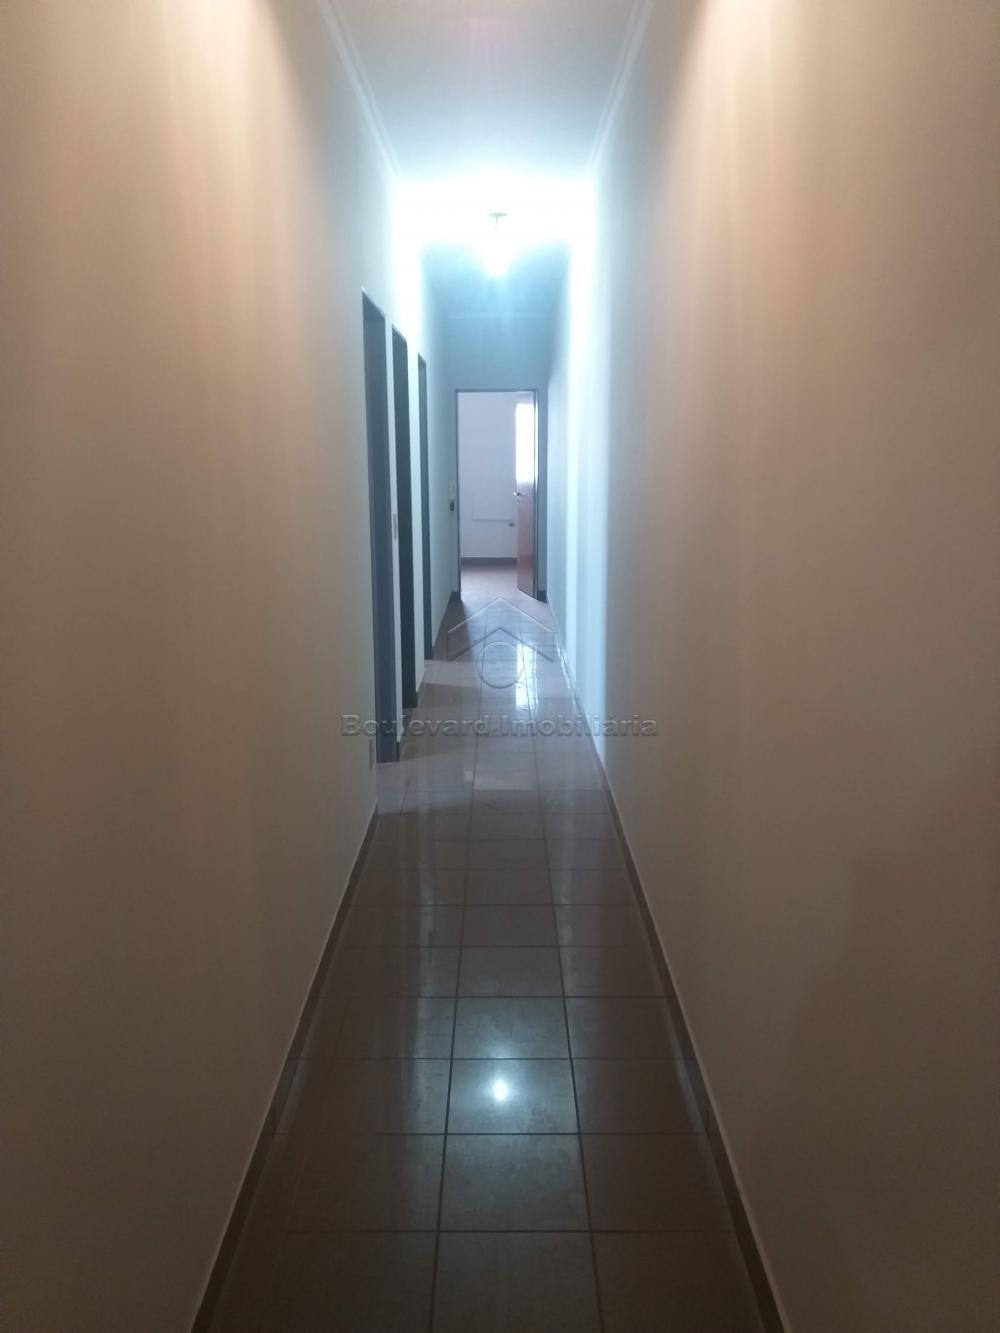 Alugar Casa / Sobrado em Ribeirão Preto R$ 2.400,00 - Foto 7